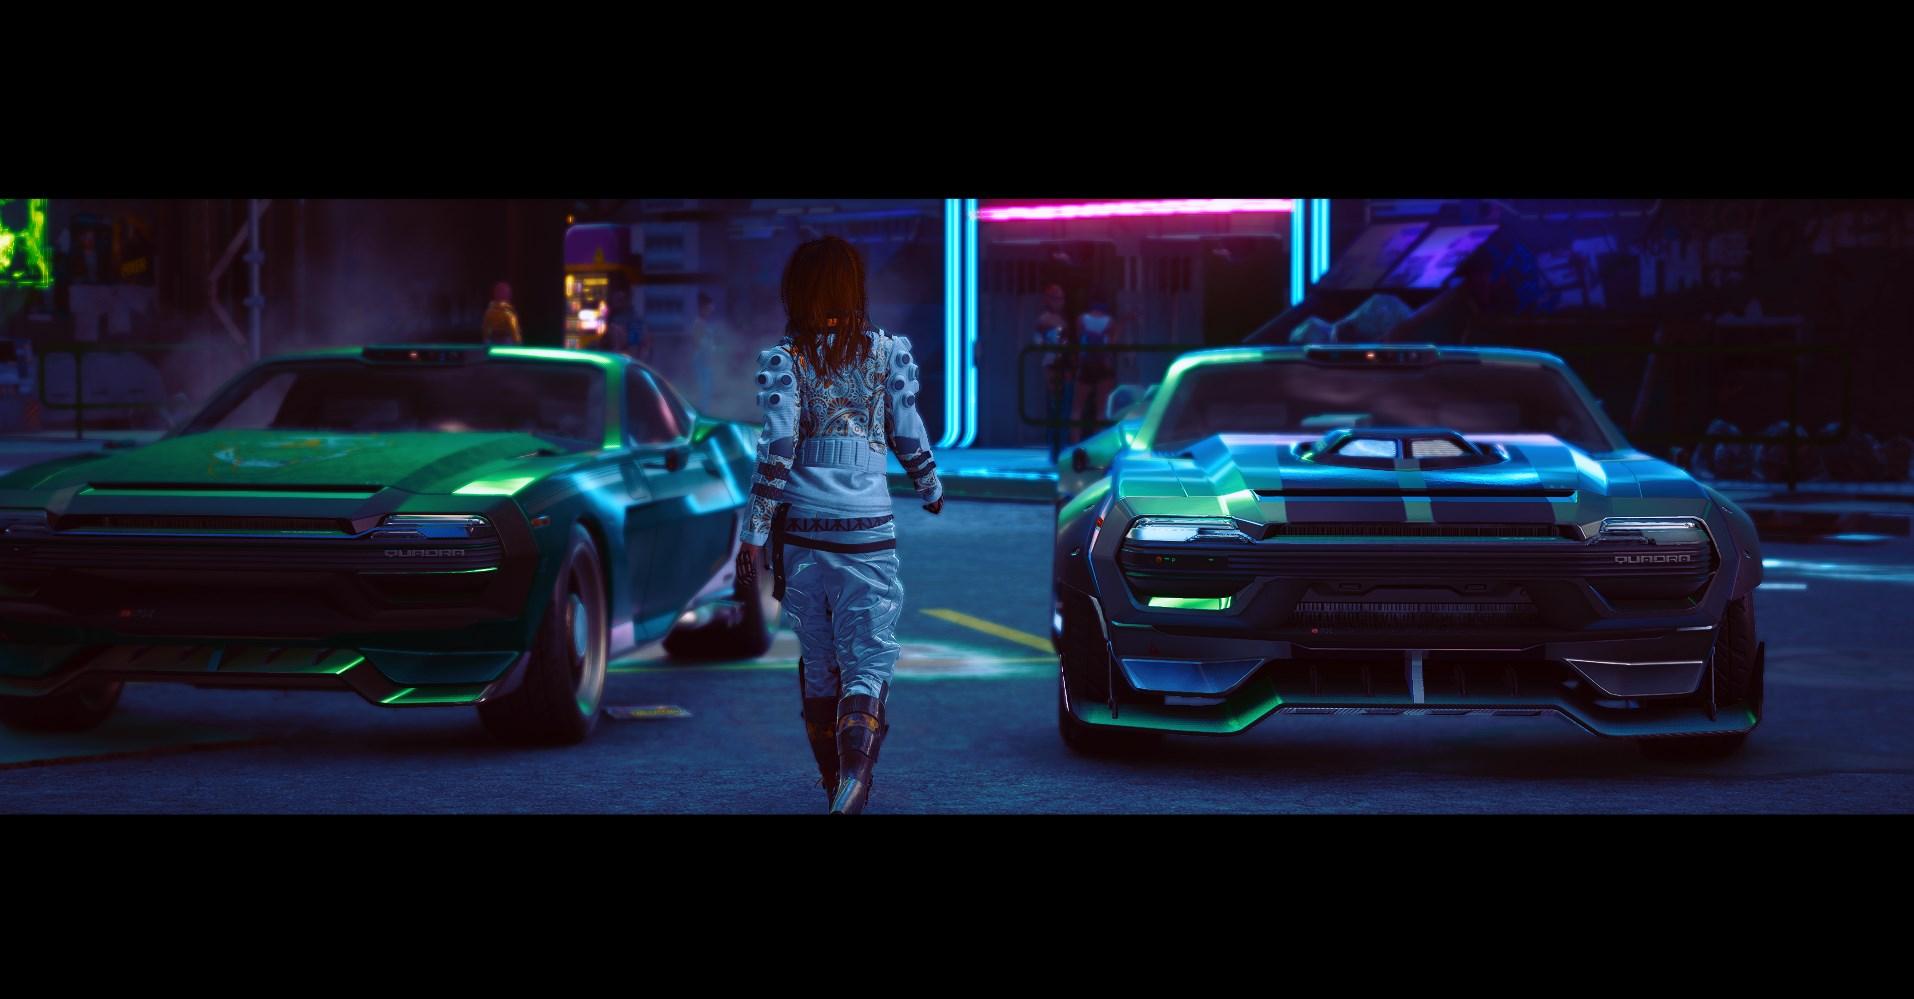 Cyberpunk2077_6xHgYISLcc.jpg